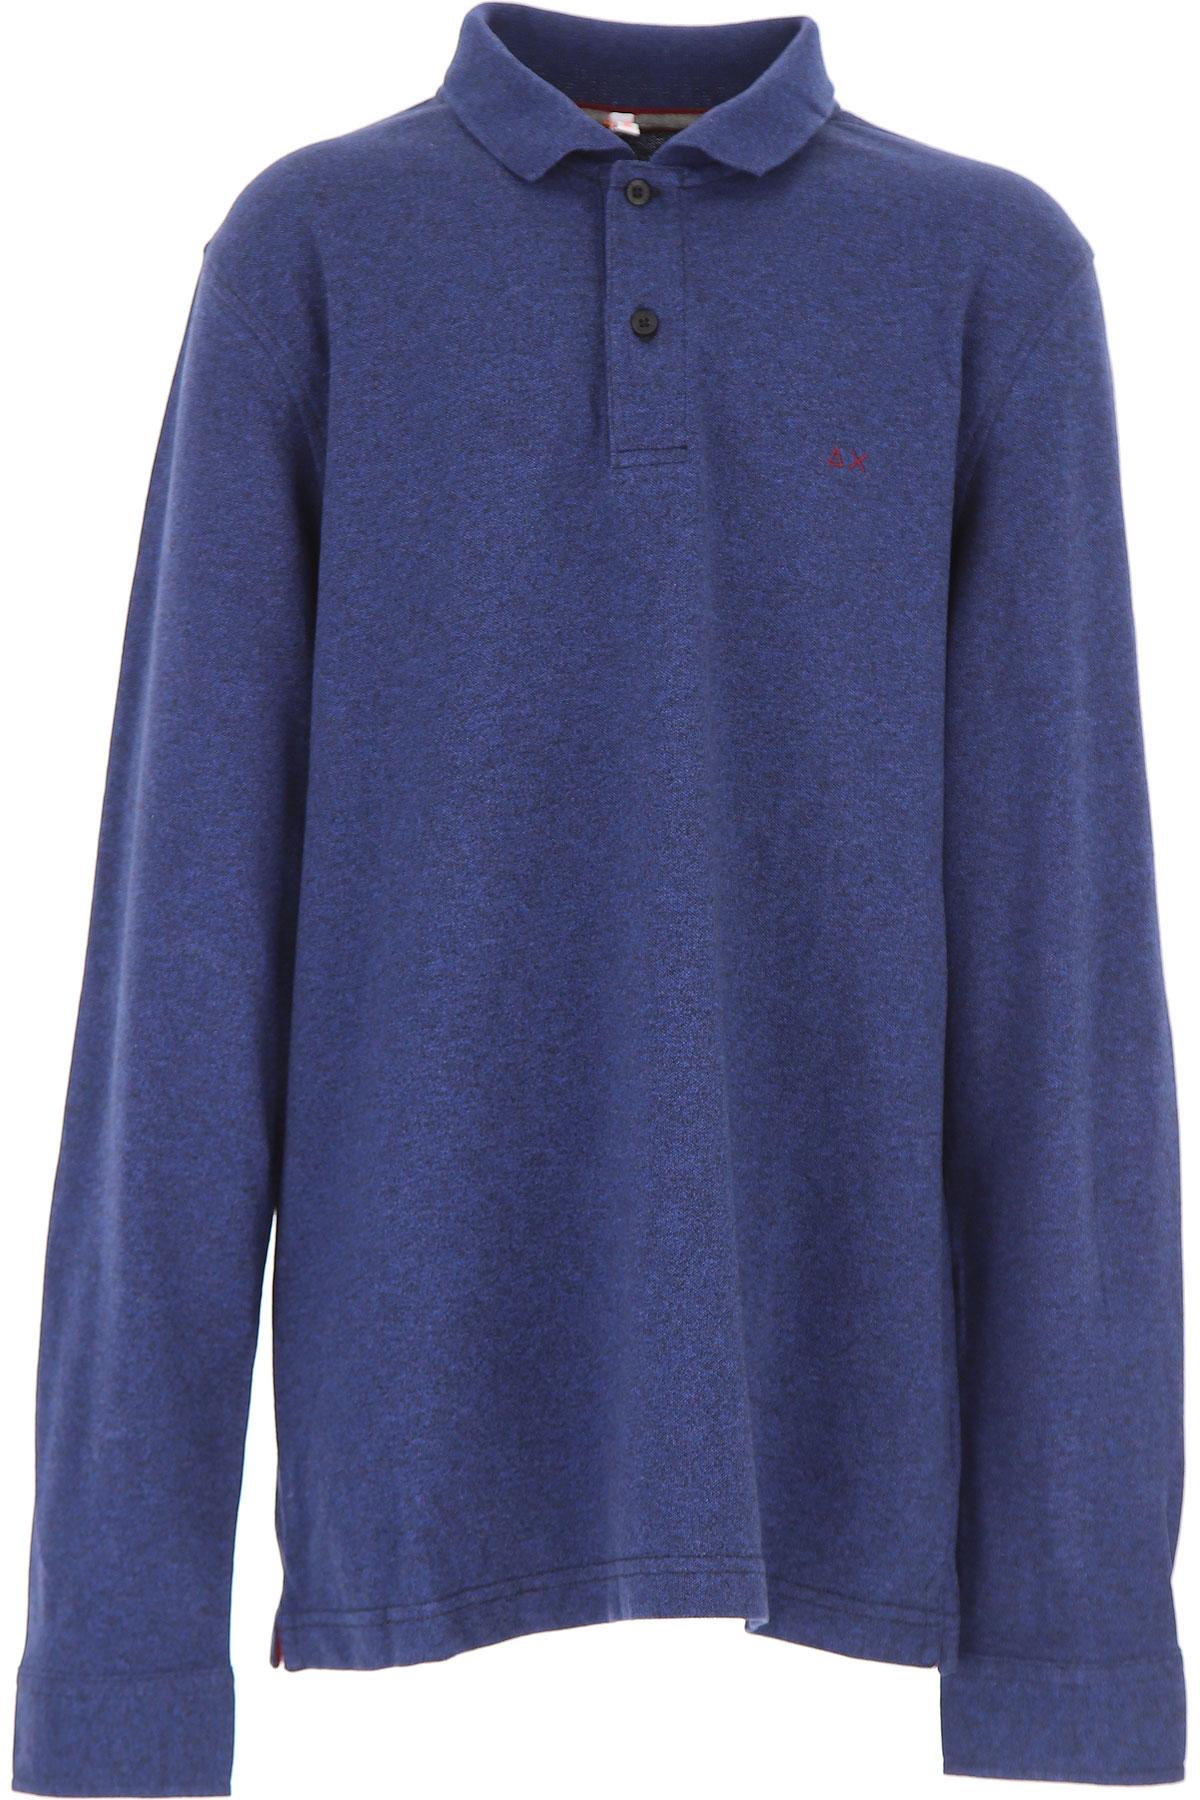 Image of Sun68 Kids Polo Shirt for Boys, Blue Black, Cotton, 2017, 10Y 14Y 2Y 4Y 6Y 8Y